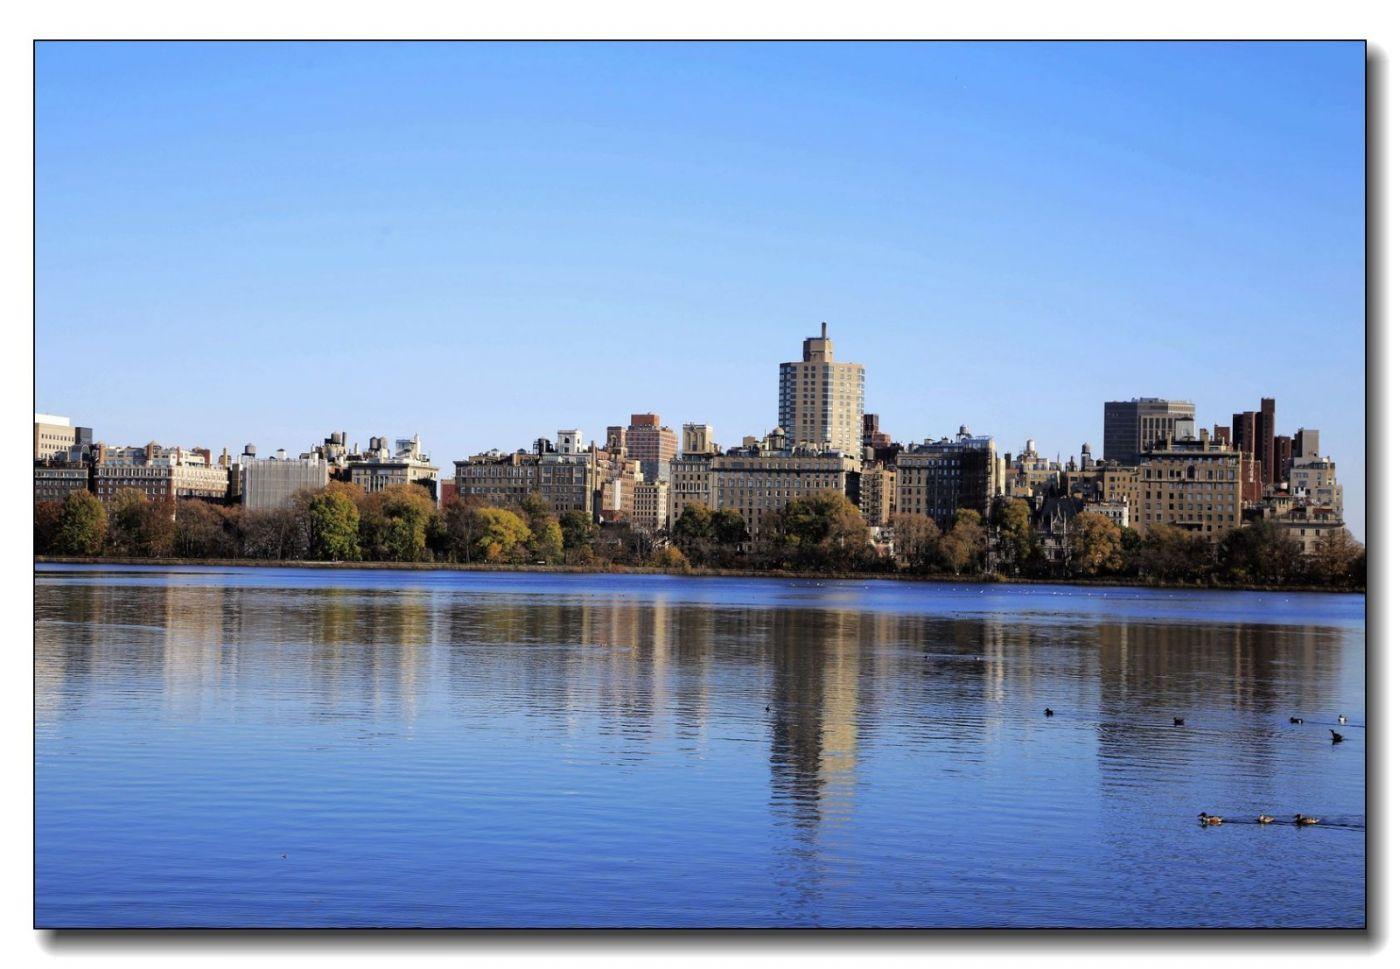 深秋色彩-中央公园2_图1-20